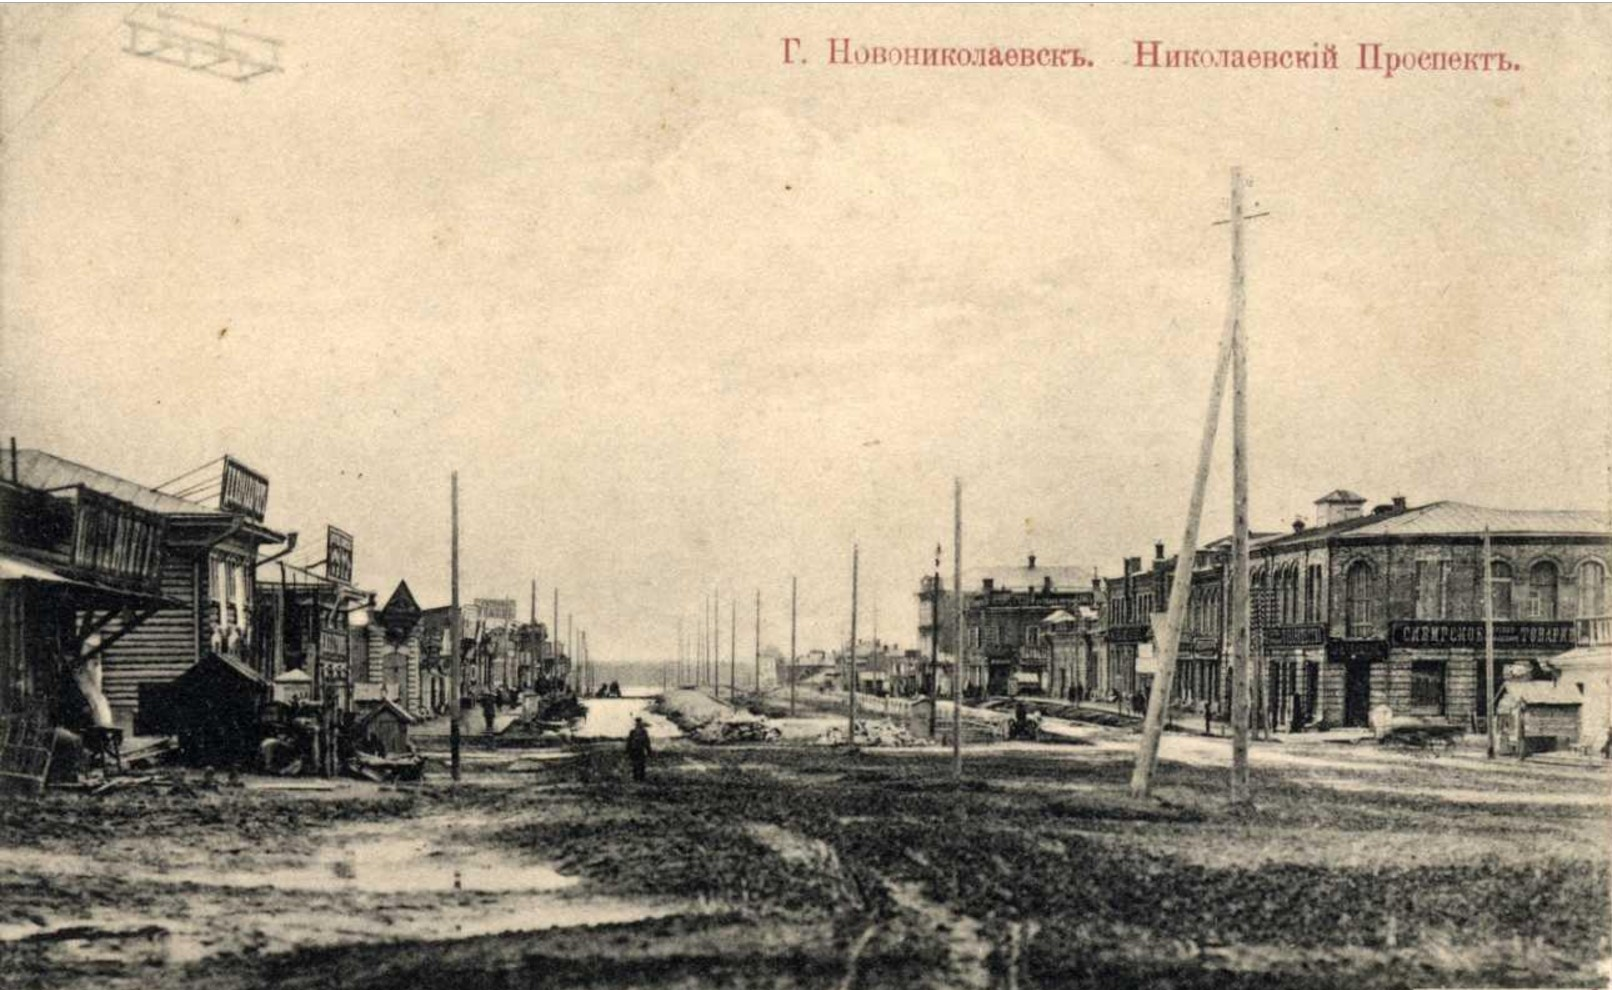 Николаевский проспект